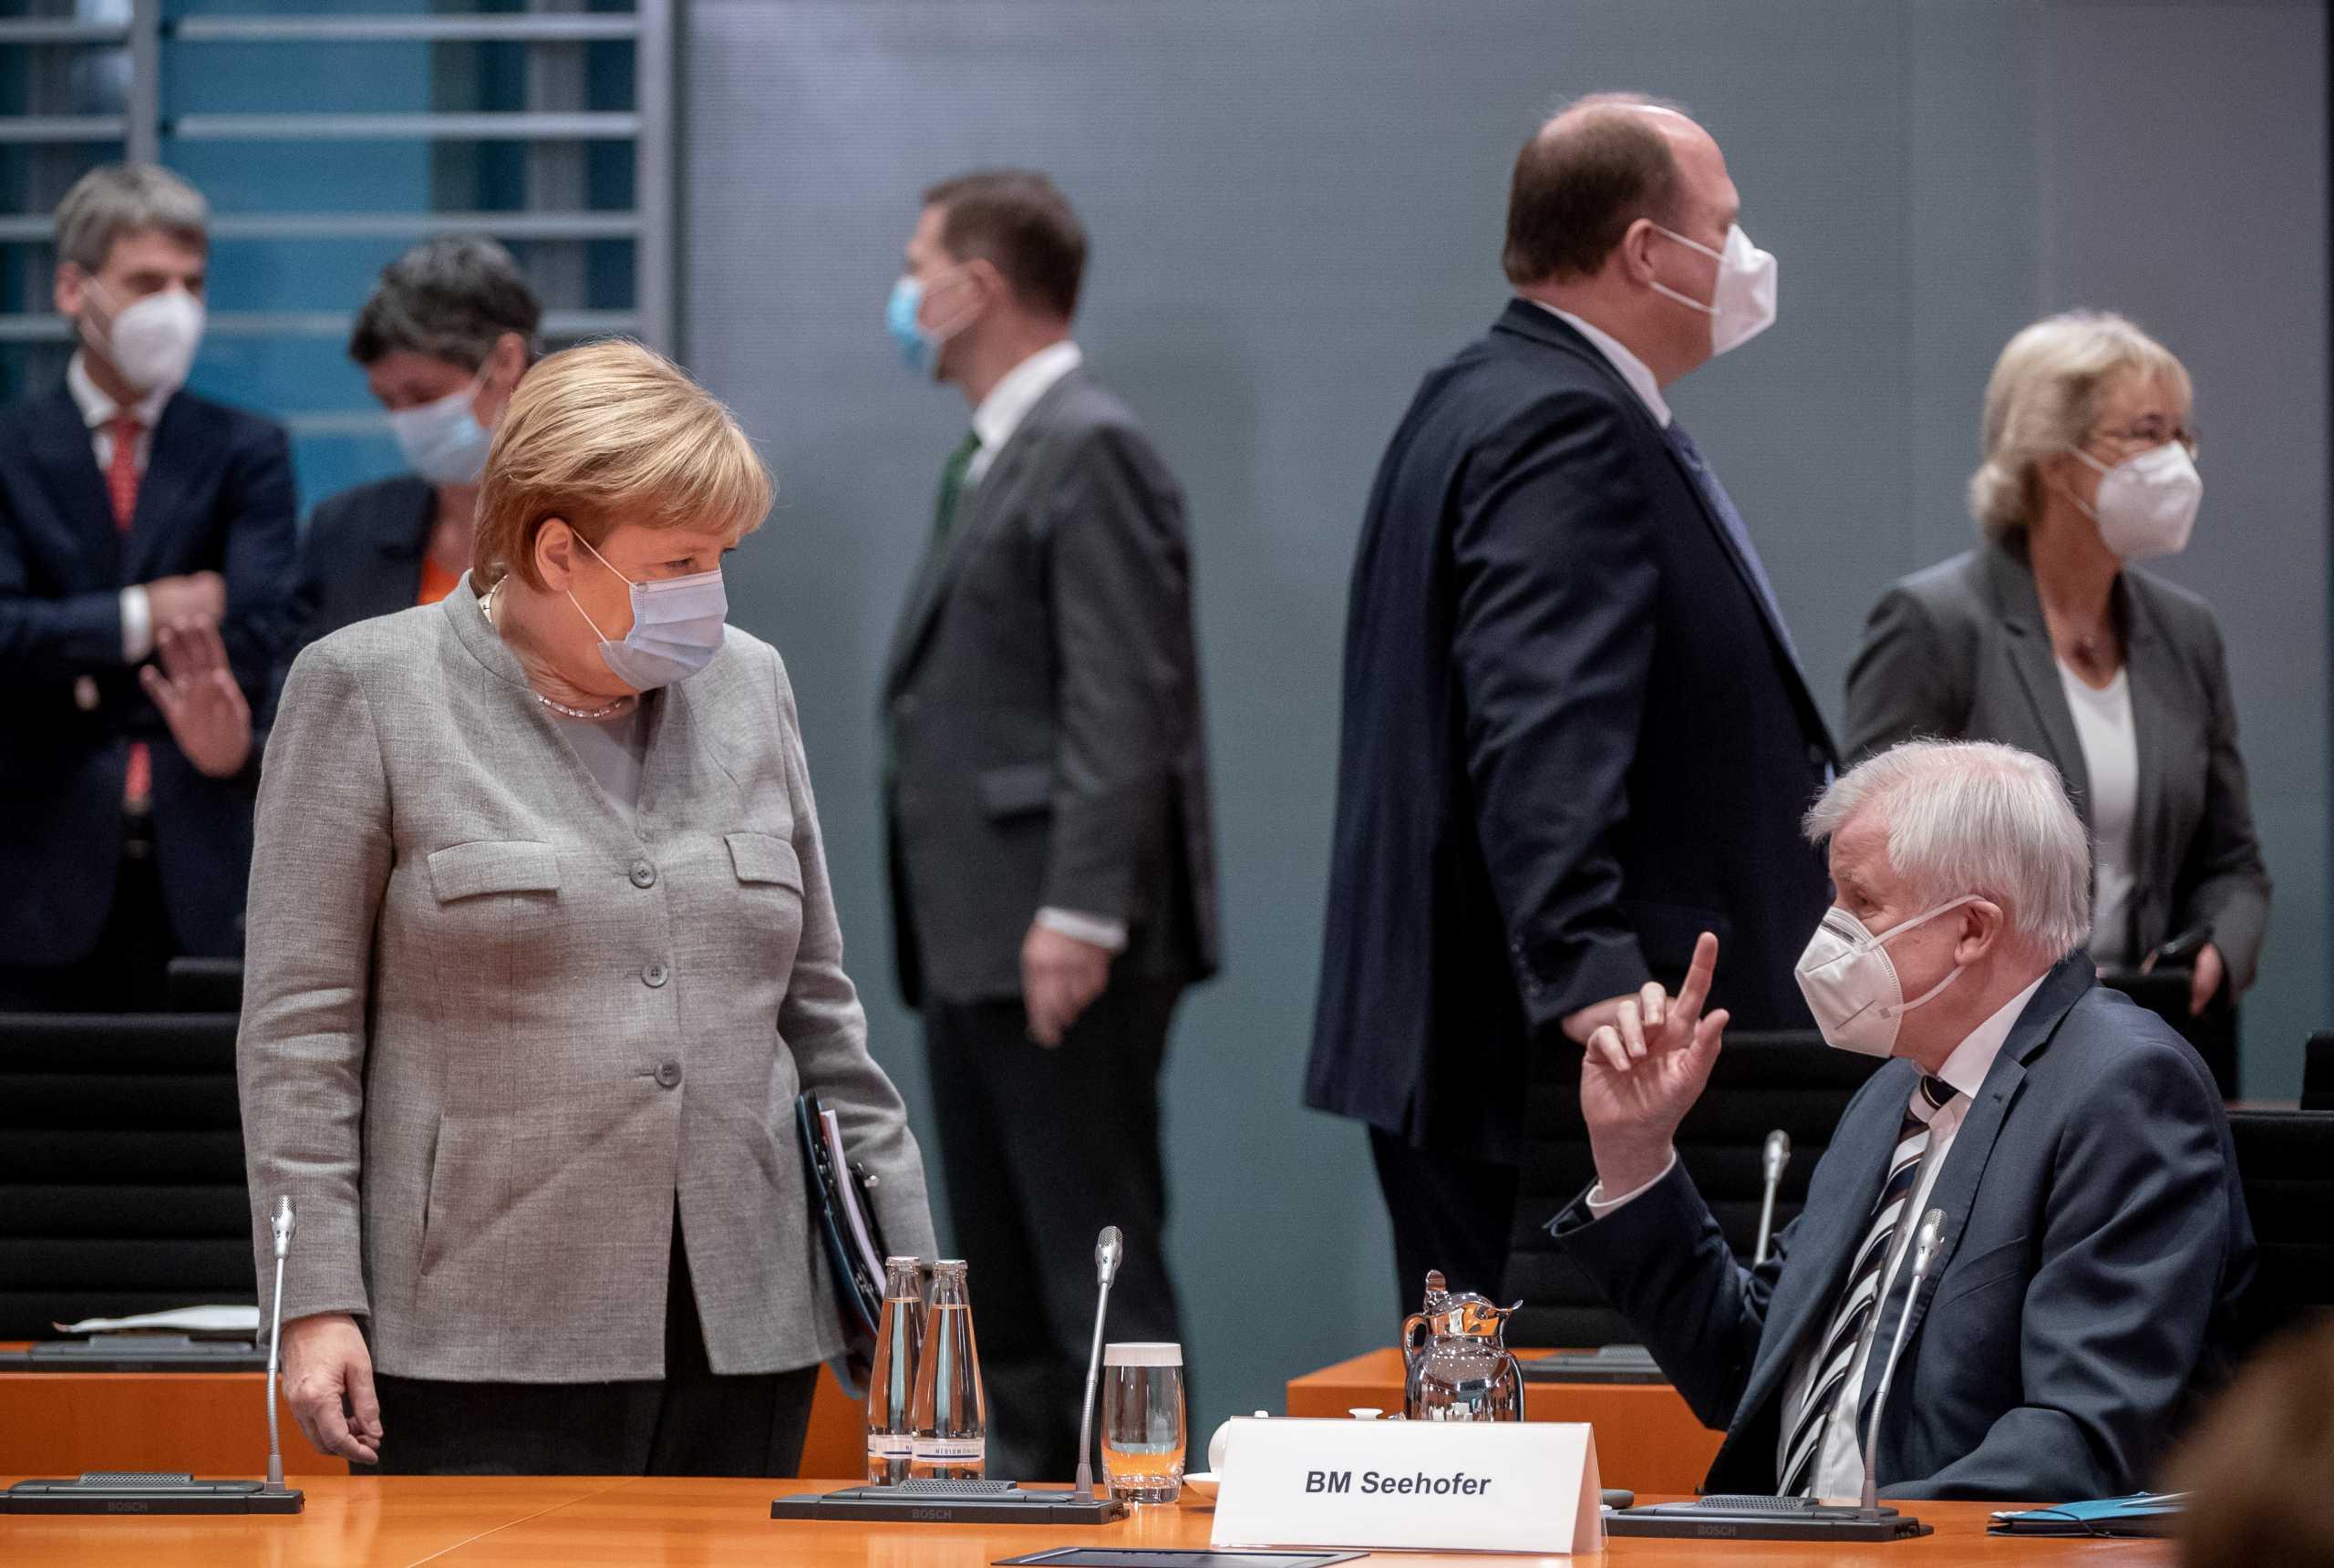 Γερμανία – Ζεεχόφερ: Χρειαζόμαστε άμεσα ένα σκληρό lockdown